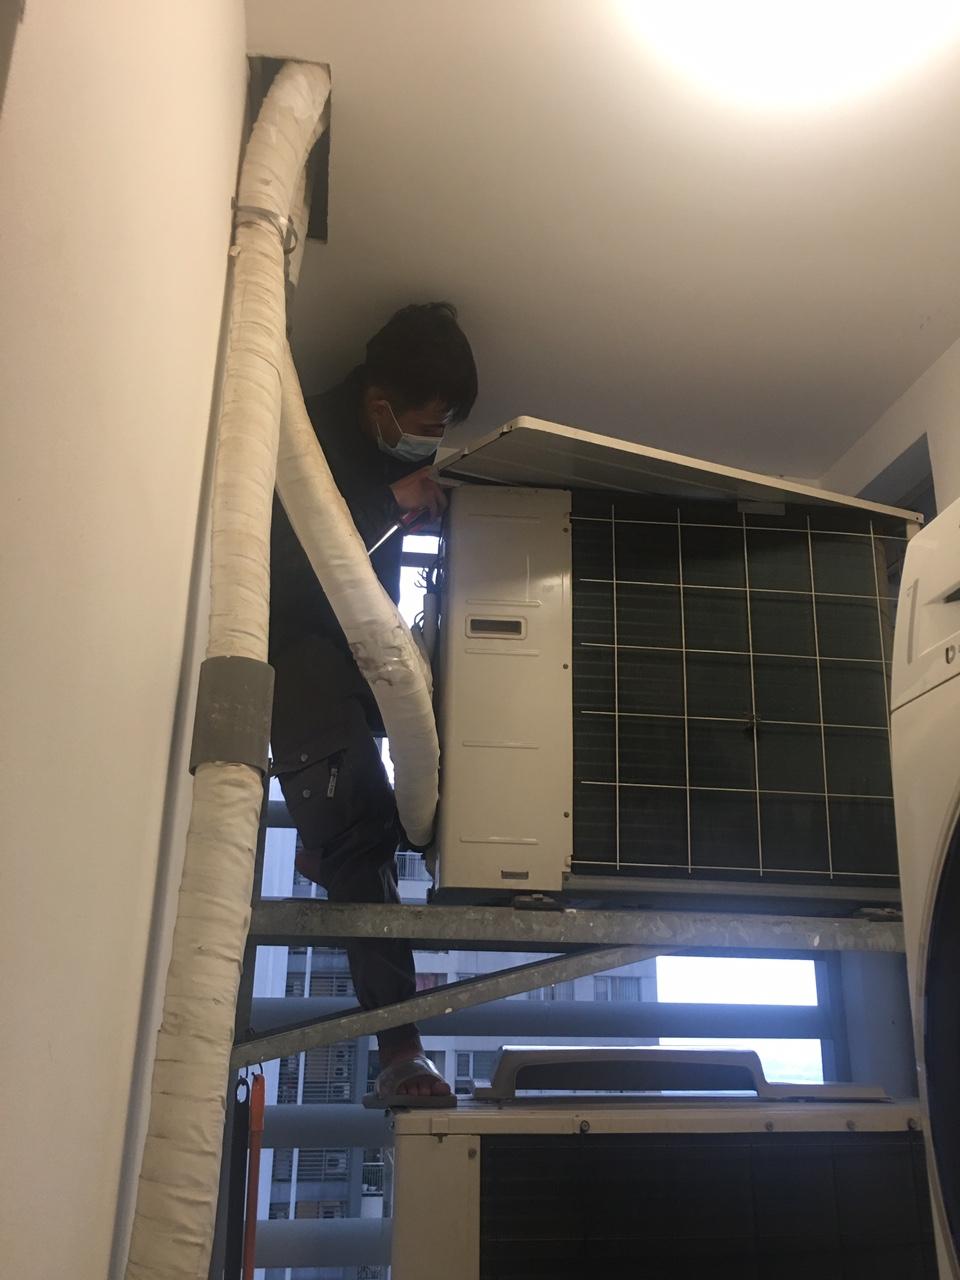 Dịch vụ sửa chữa bảo dưỡng điều hoà tại hà nội 24/7 | Hanoi Home Fix